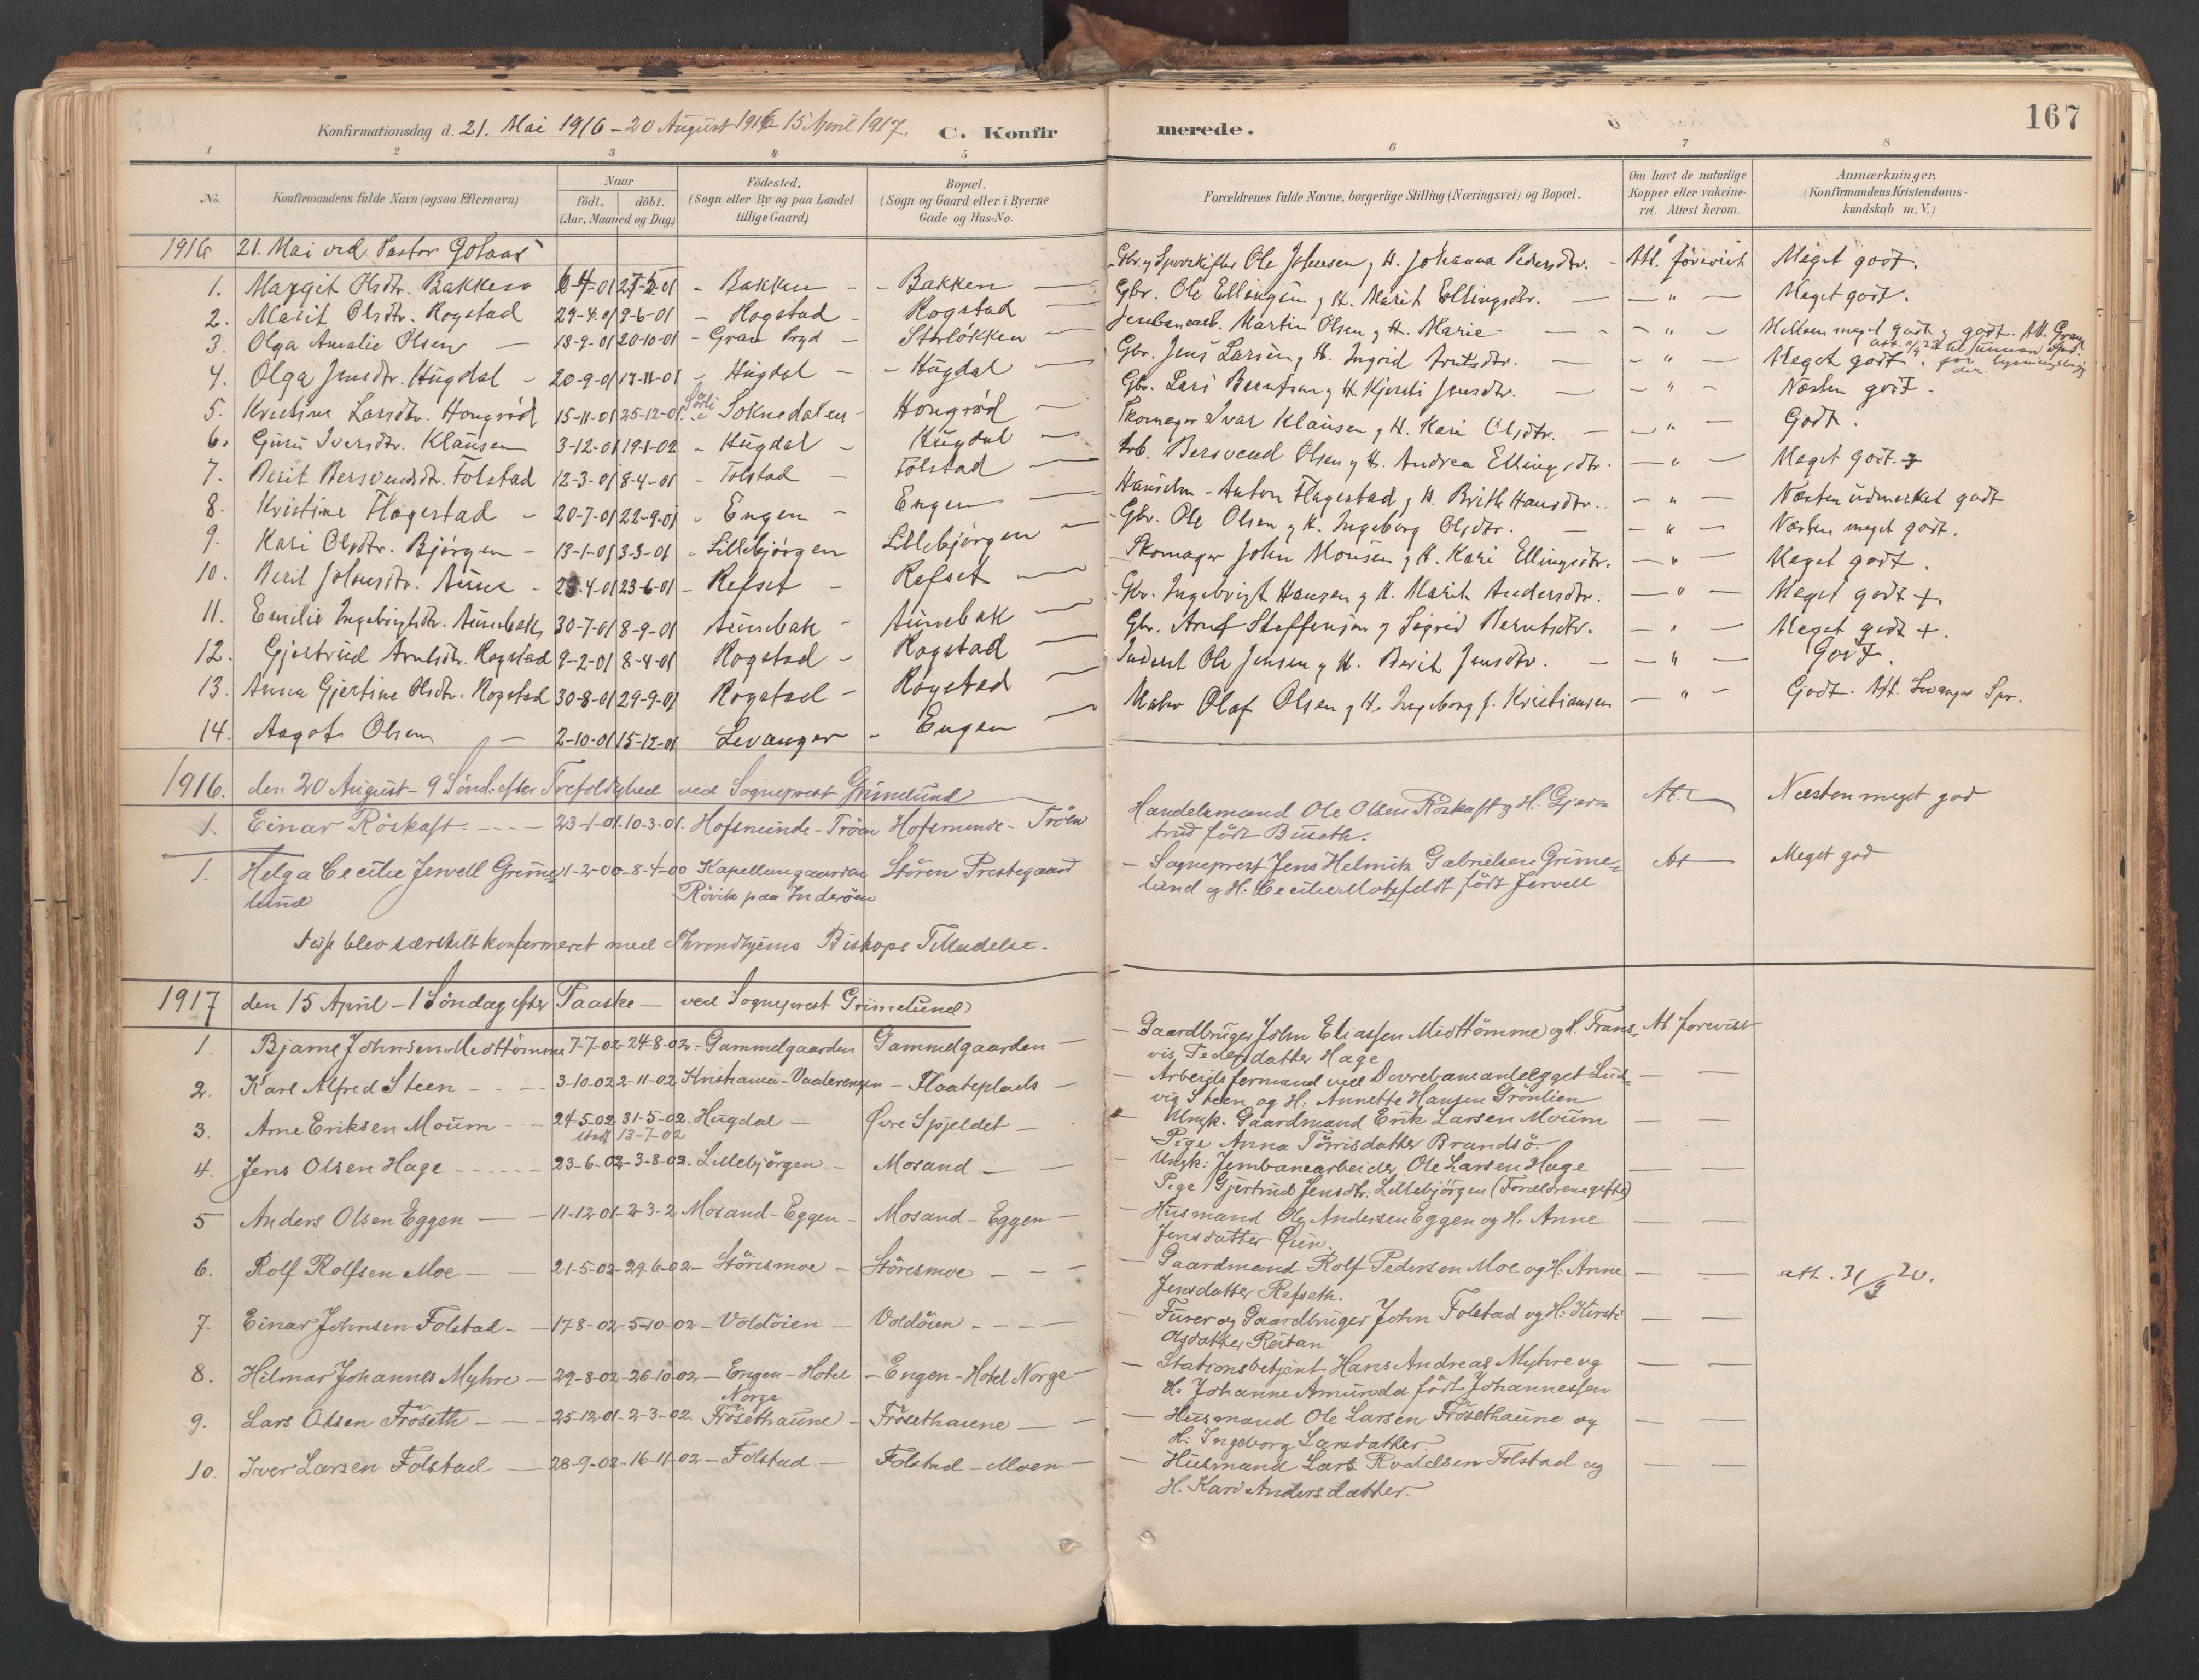 SAT, Ministerialprotokoller, klokkerbøker og fødselsregistre - Sør-Trøndelag, 687/L1004: Ministerialbok nr. 687A10, 1891-1923, s. 167